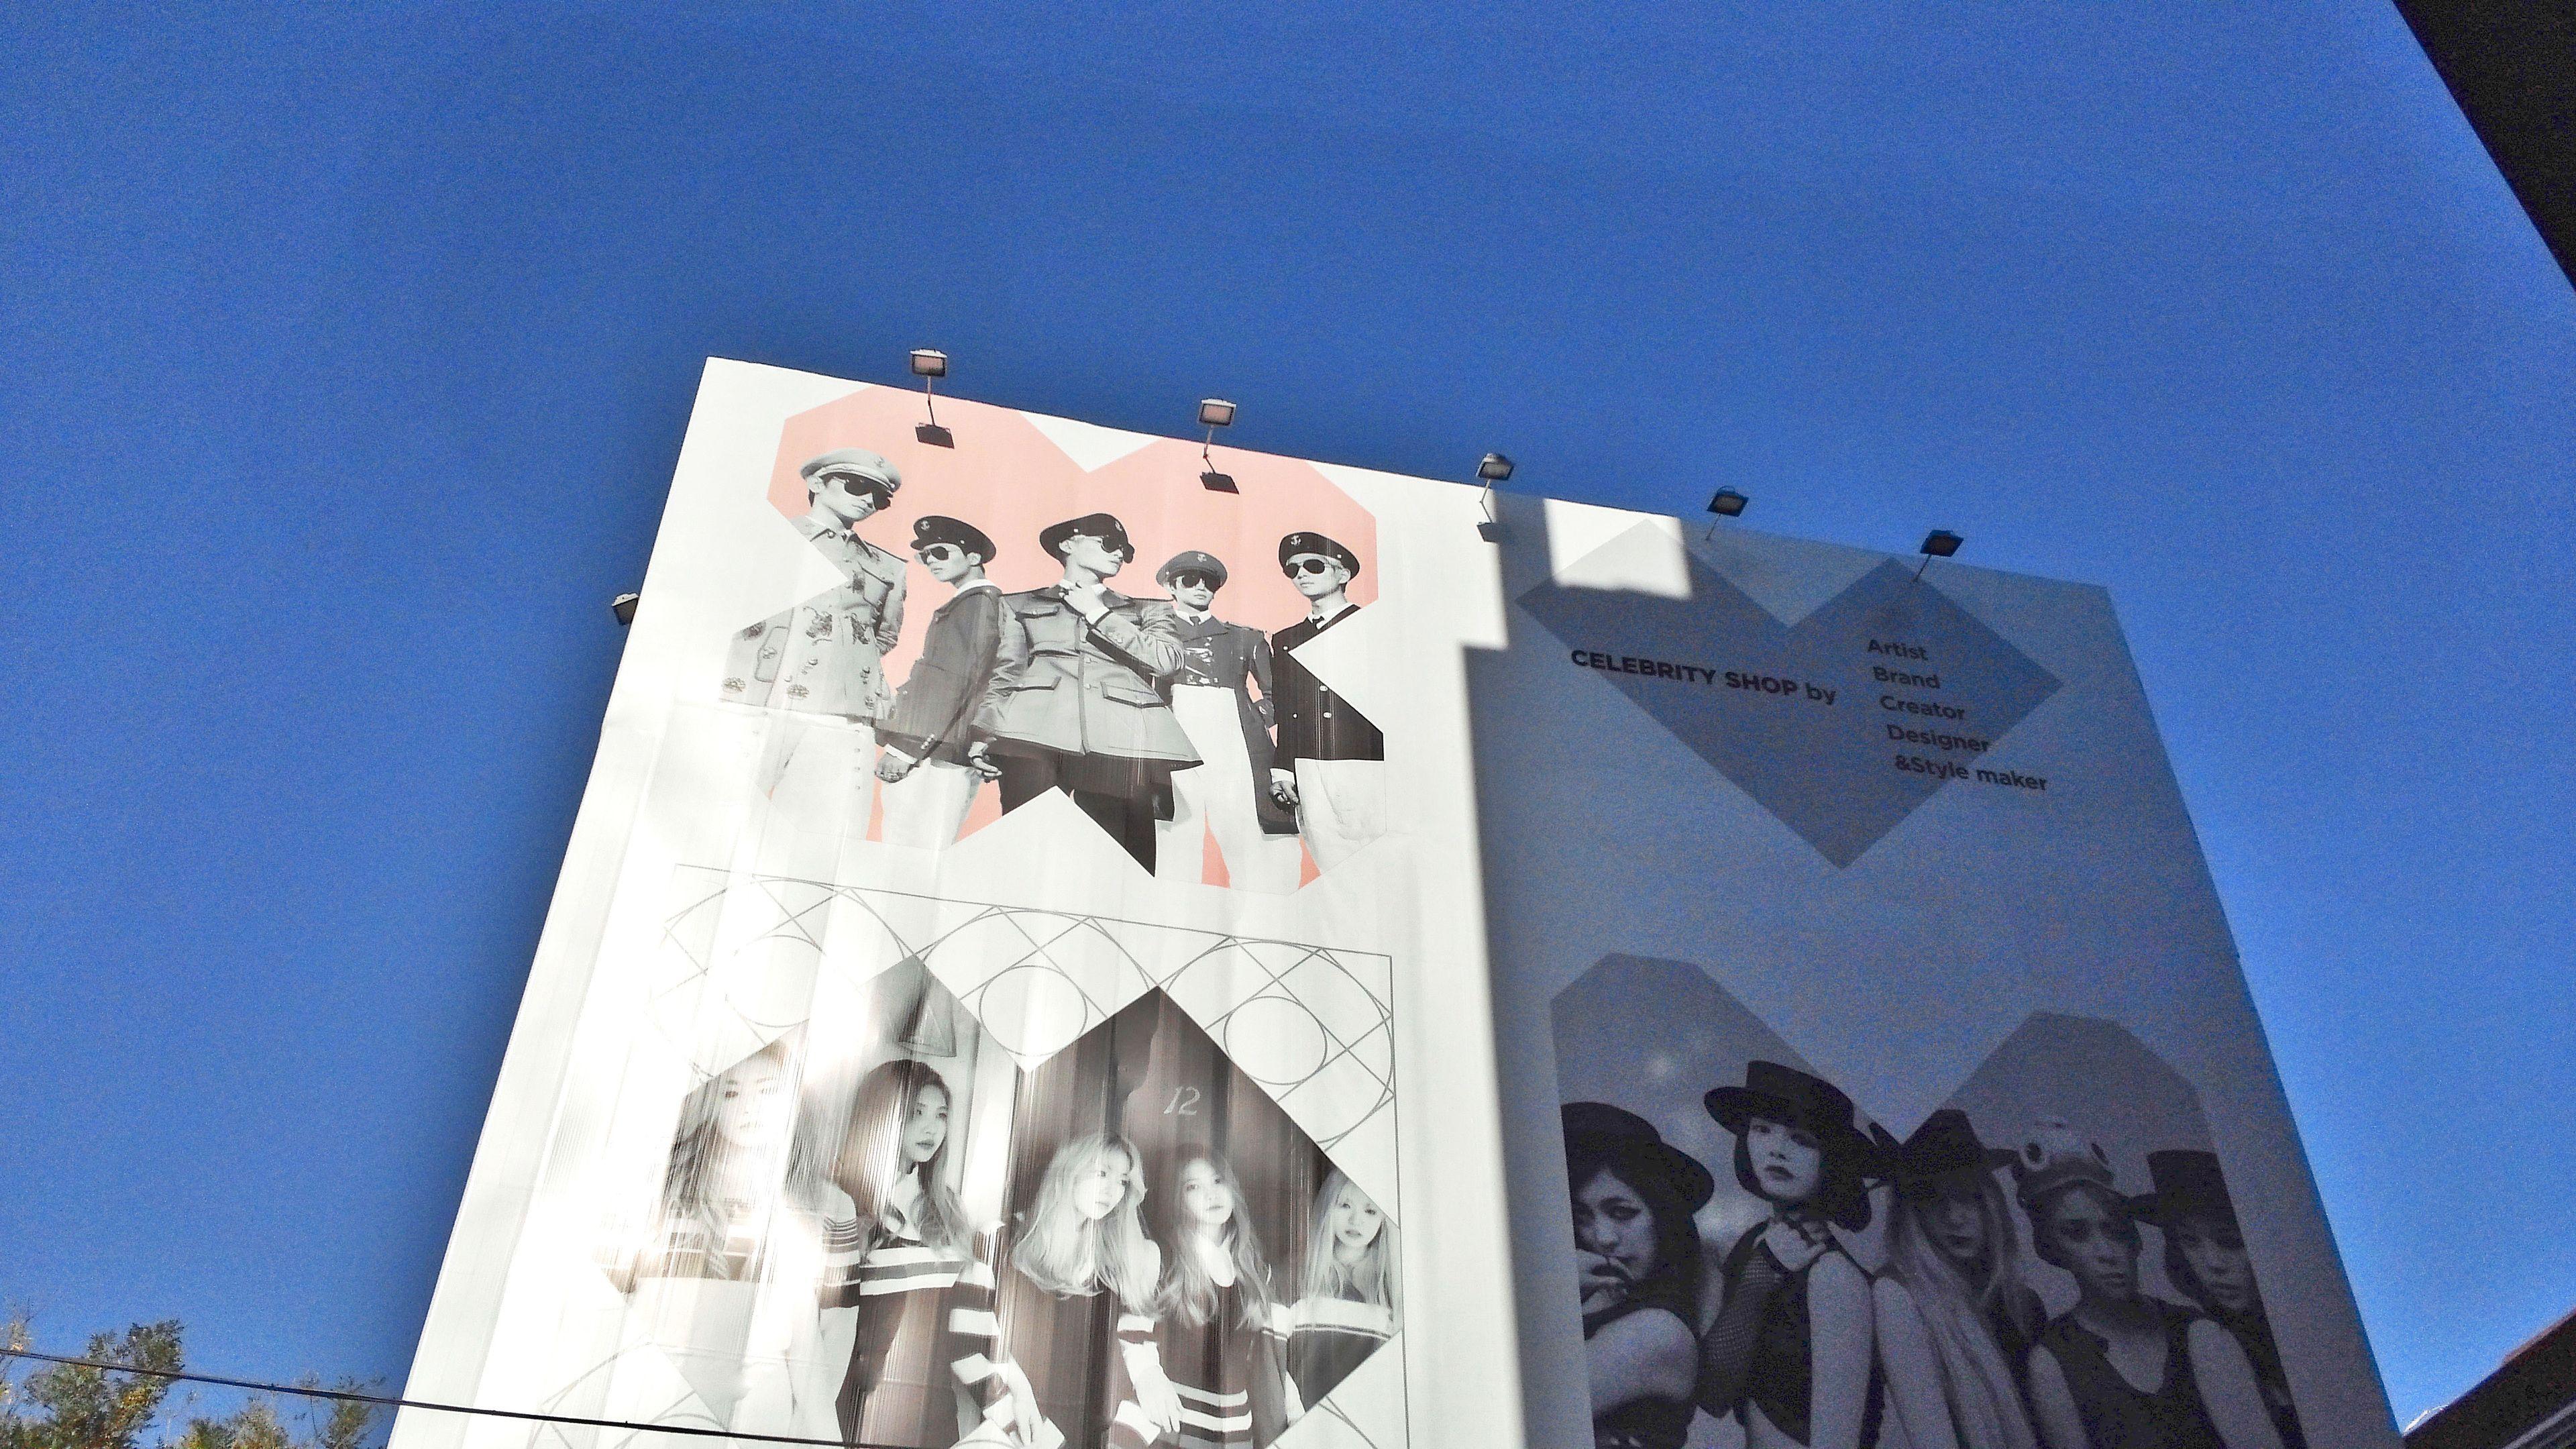 Billboard of K-Pop groups in Seoul